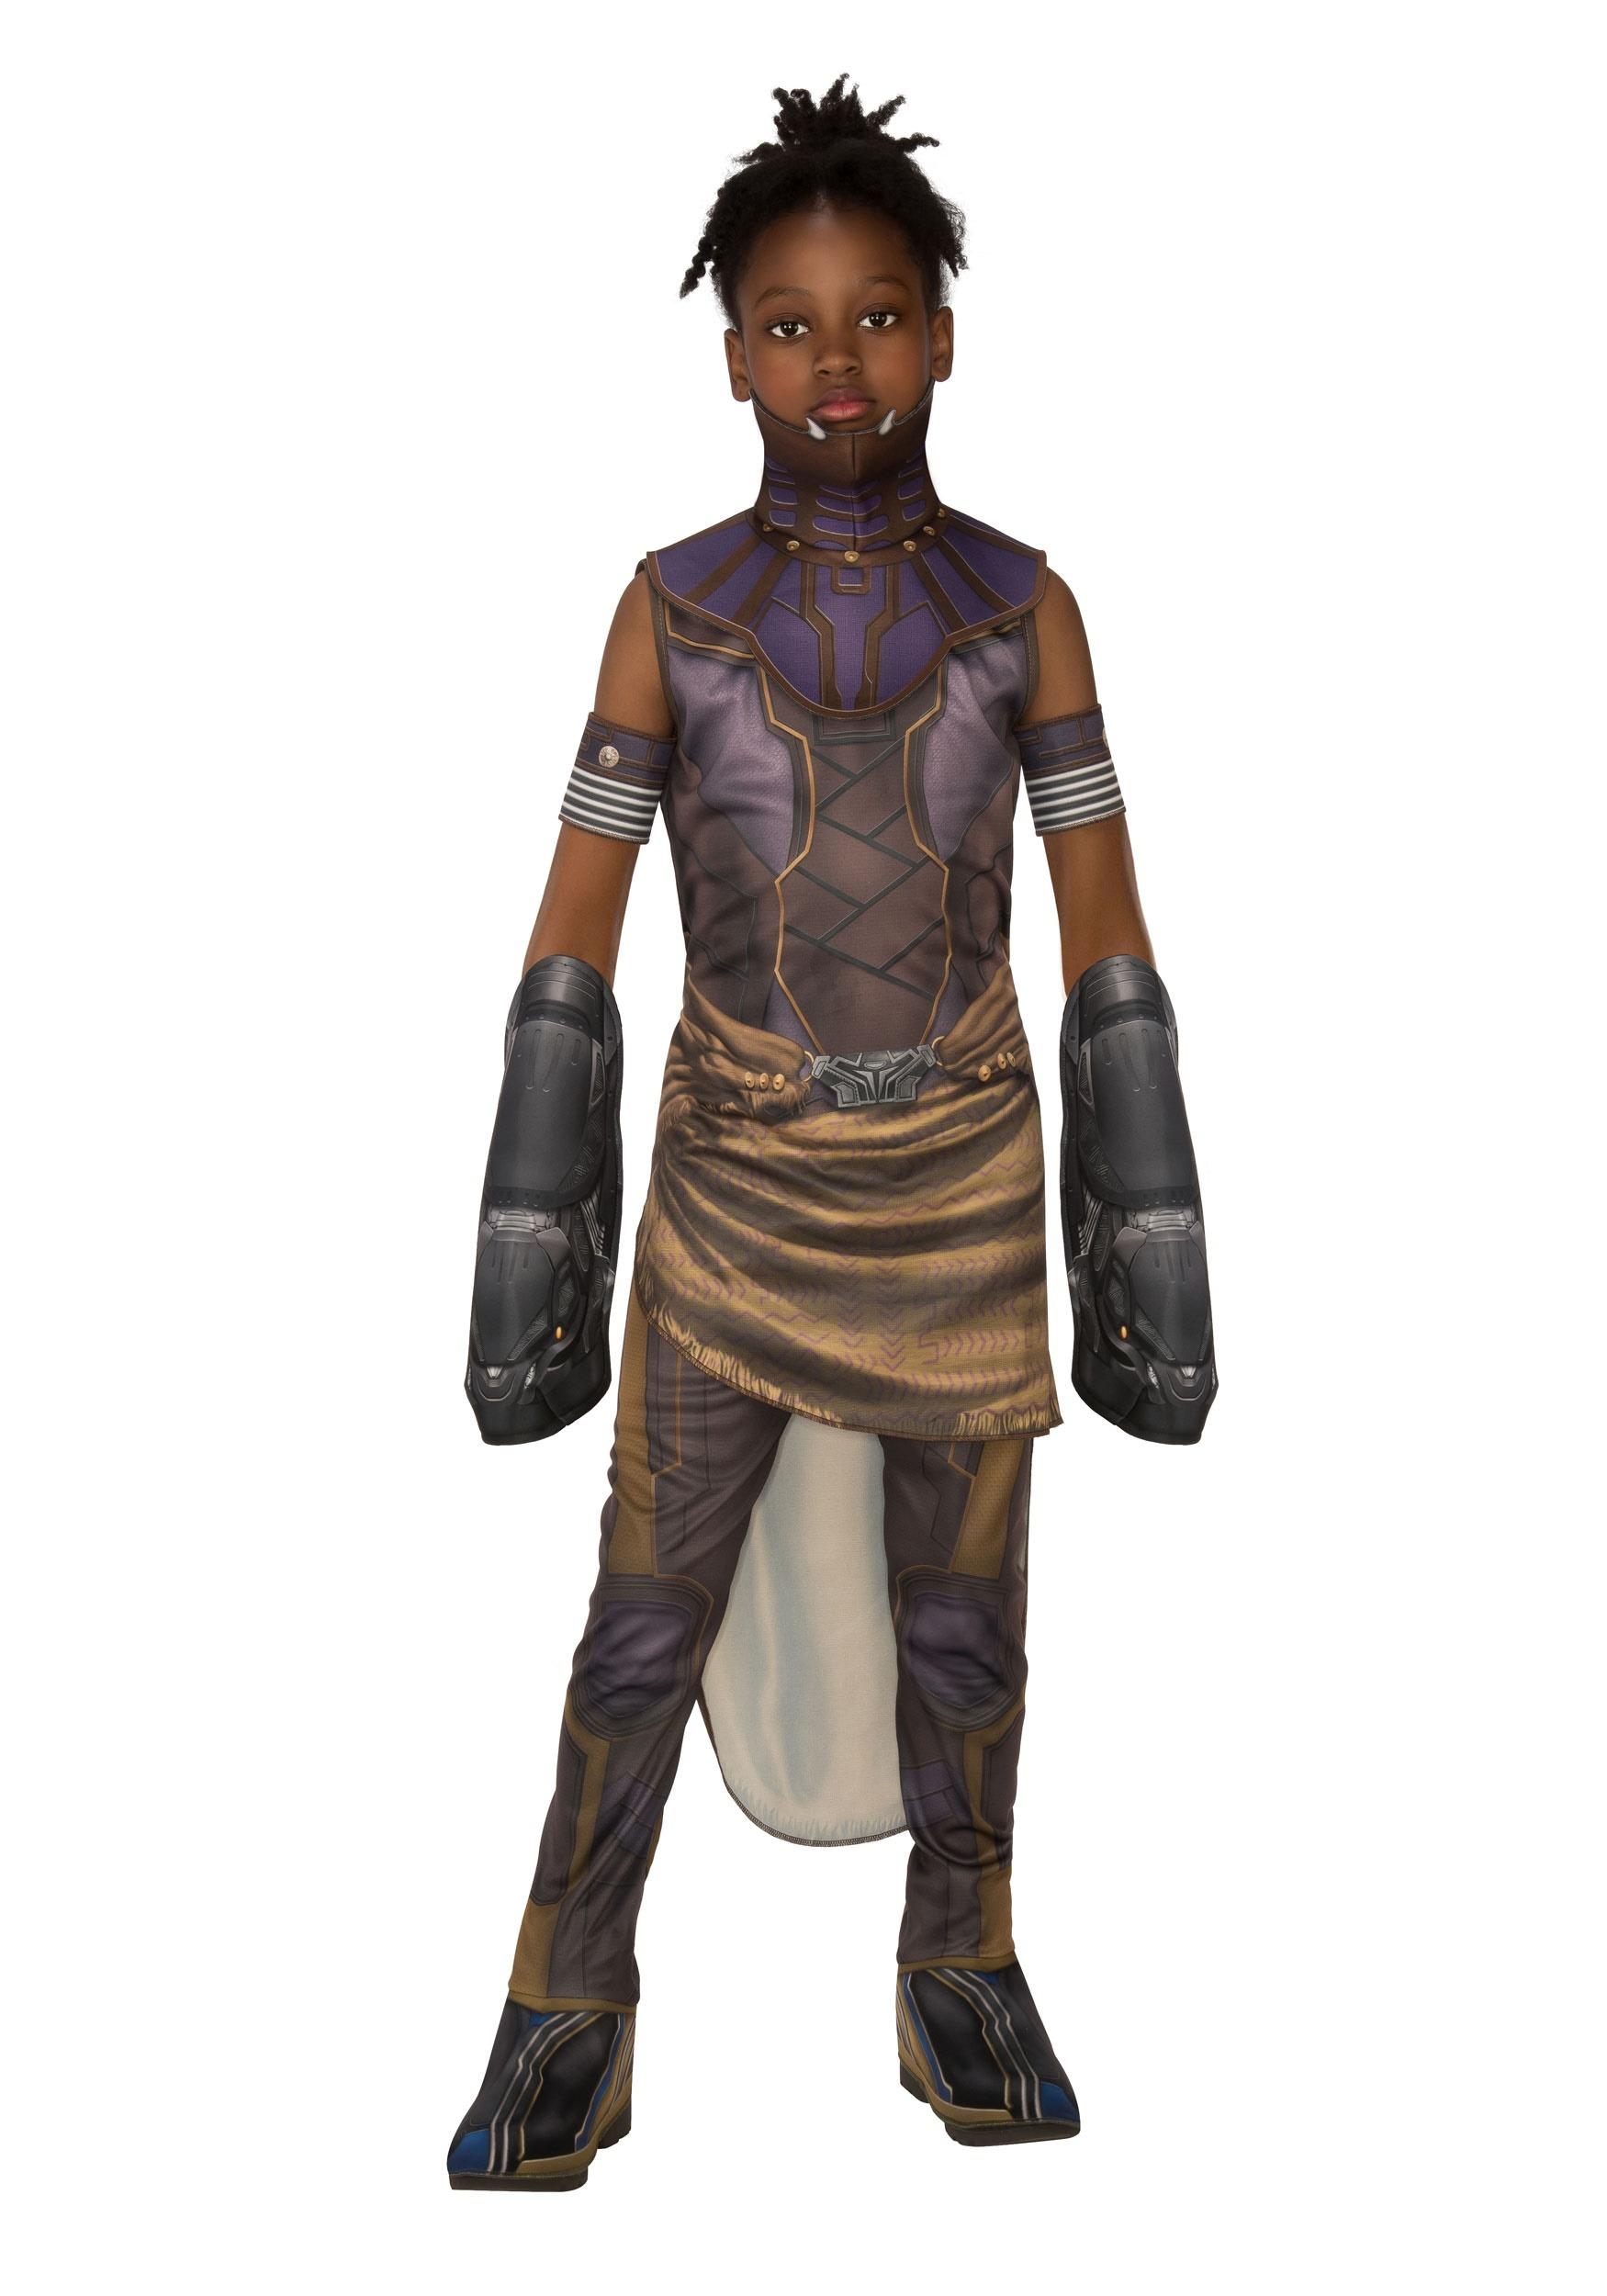 Shuri Kids Black Panther Costume